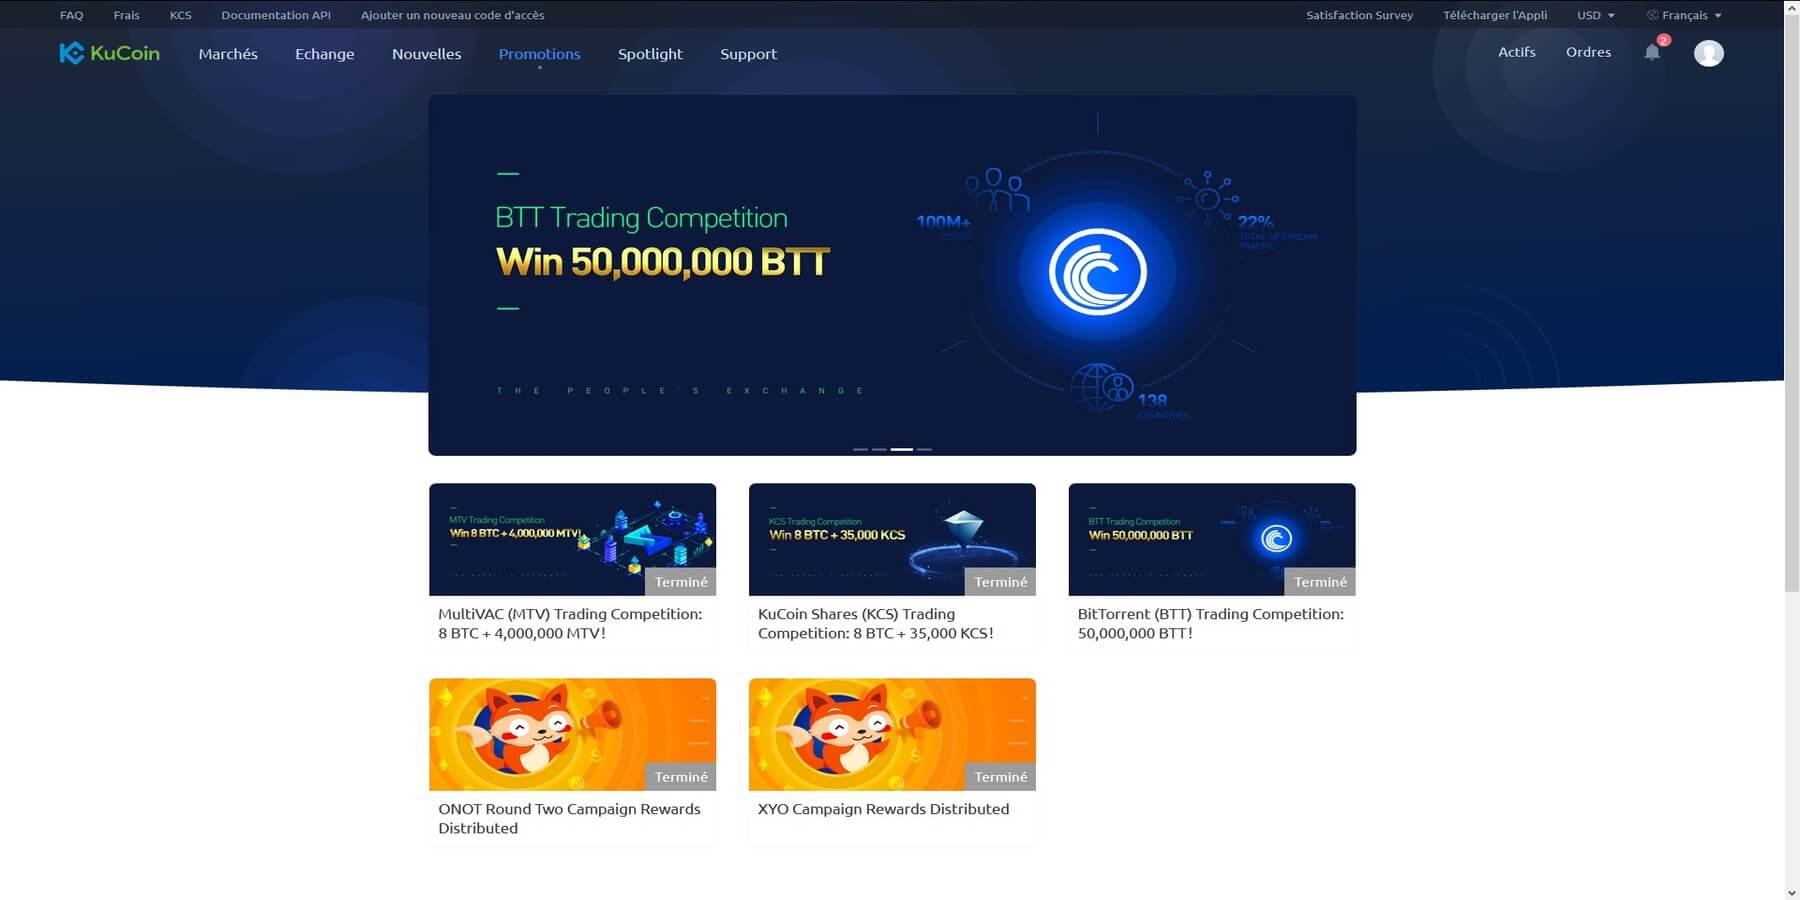 Compétitions de trading chez KuCoin